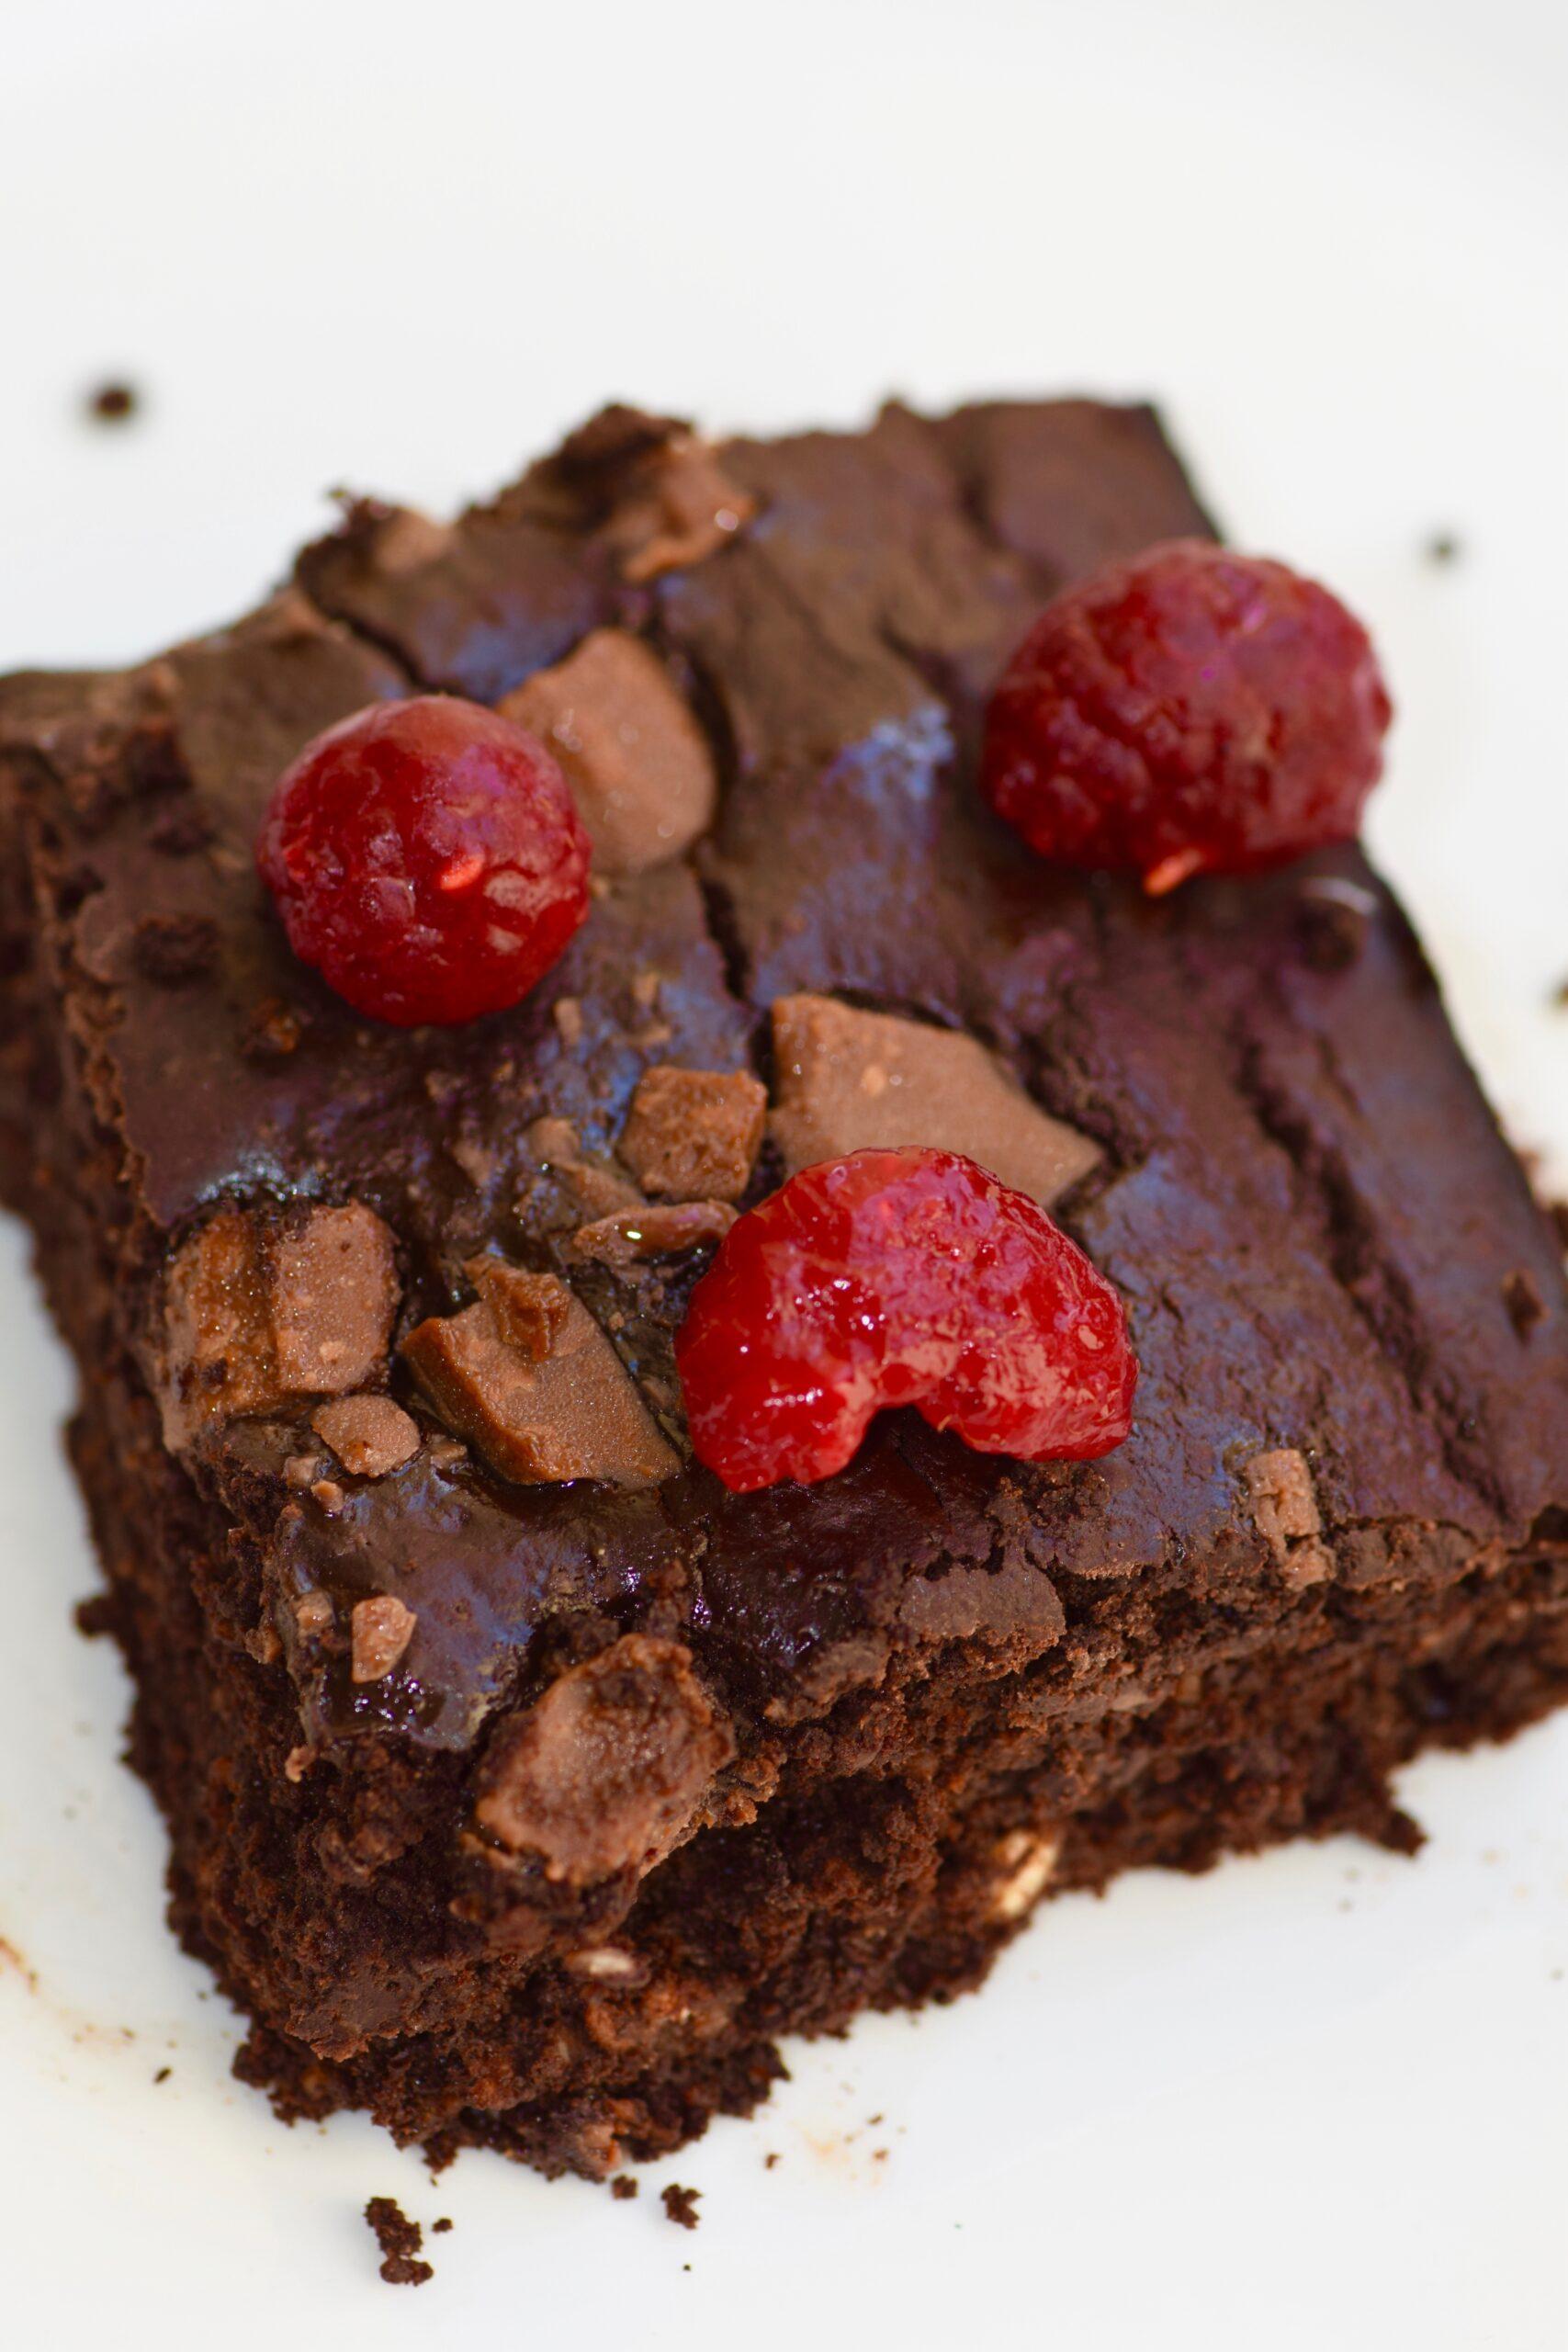 Healthy fudgy pumpkin brownies with raspberries